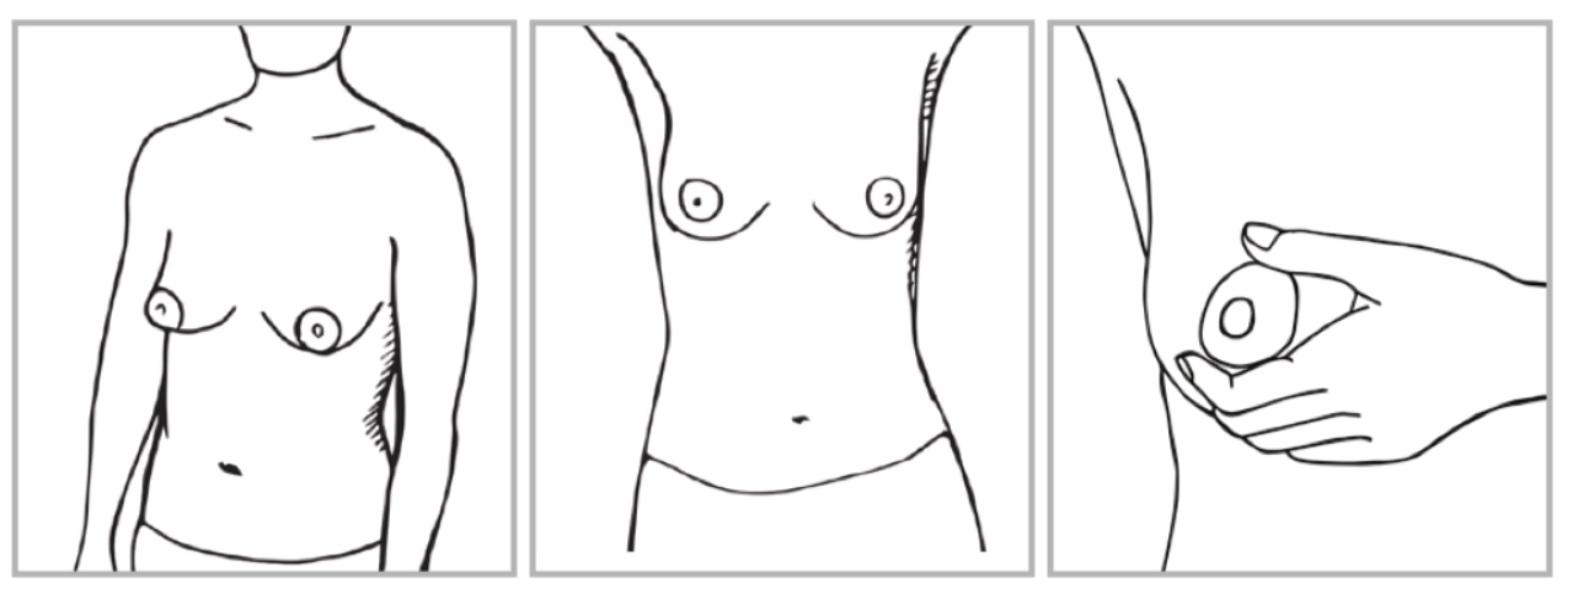 Naisen rinnat sivusta, edestä ja käsi puristamassa nänniä -piirroskuva.